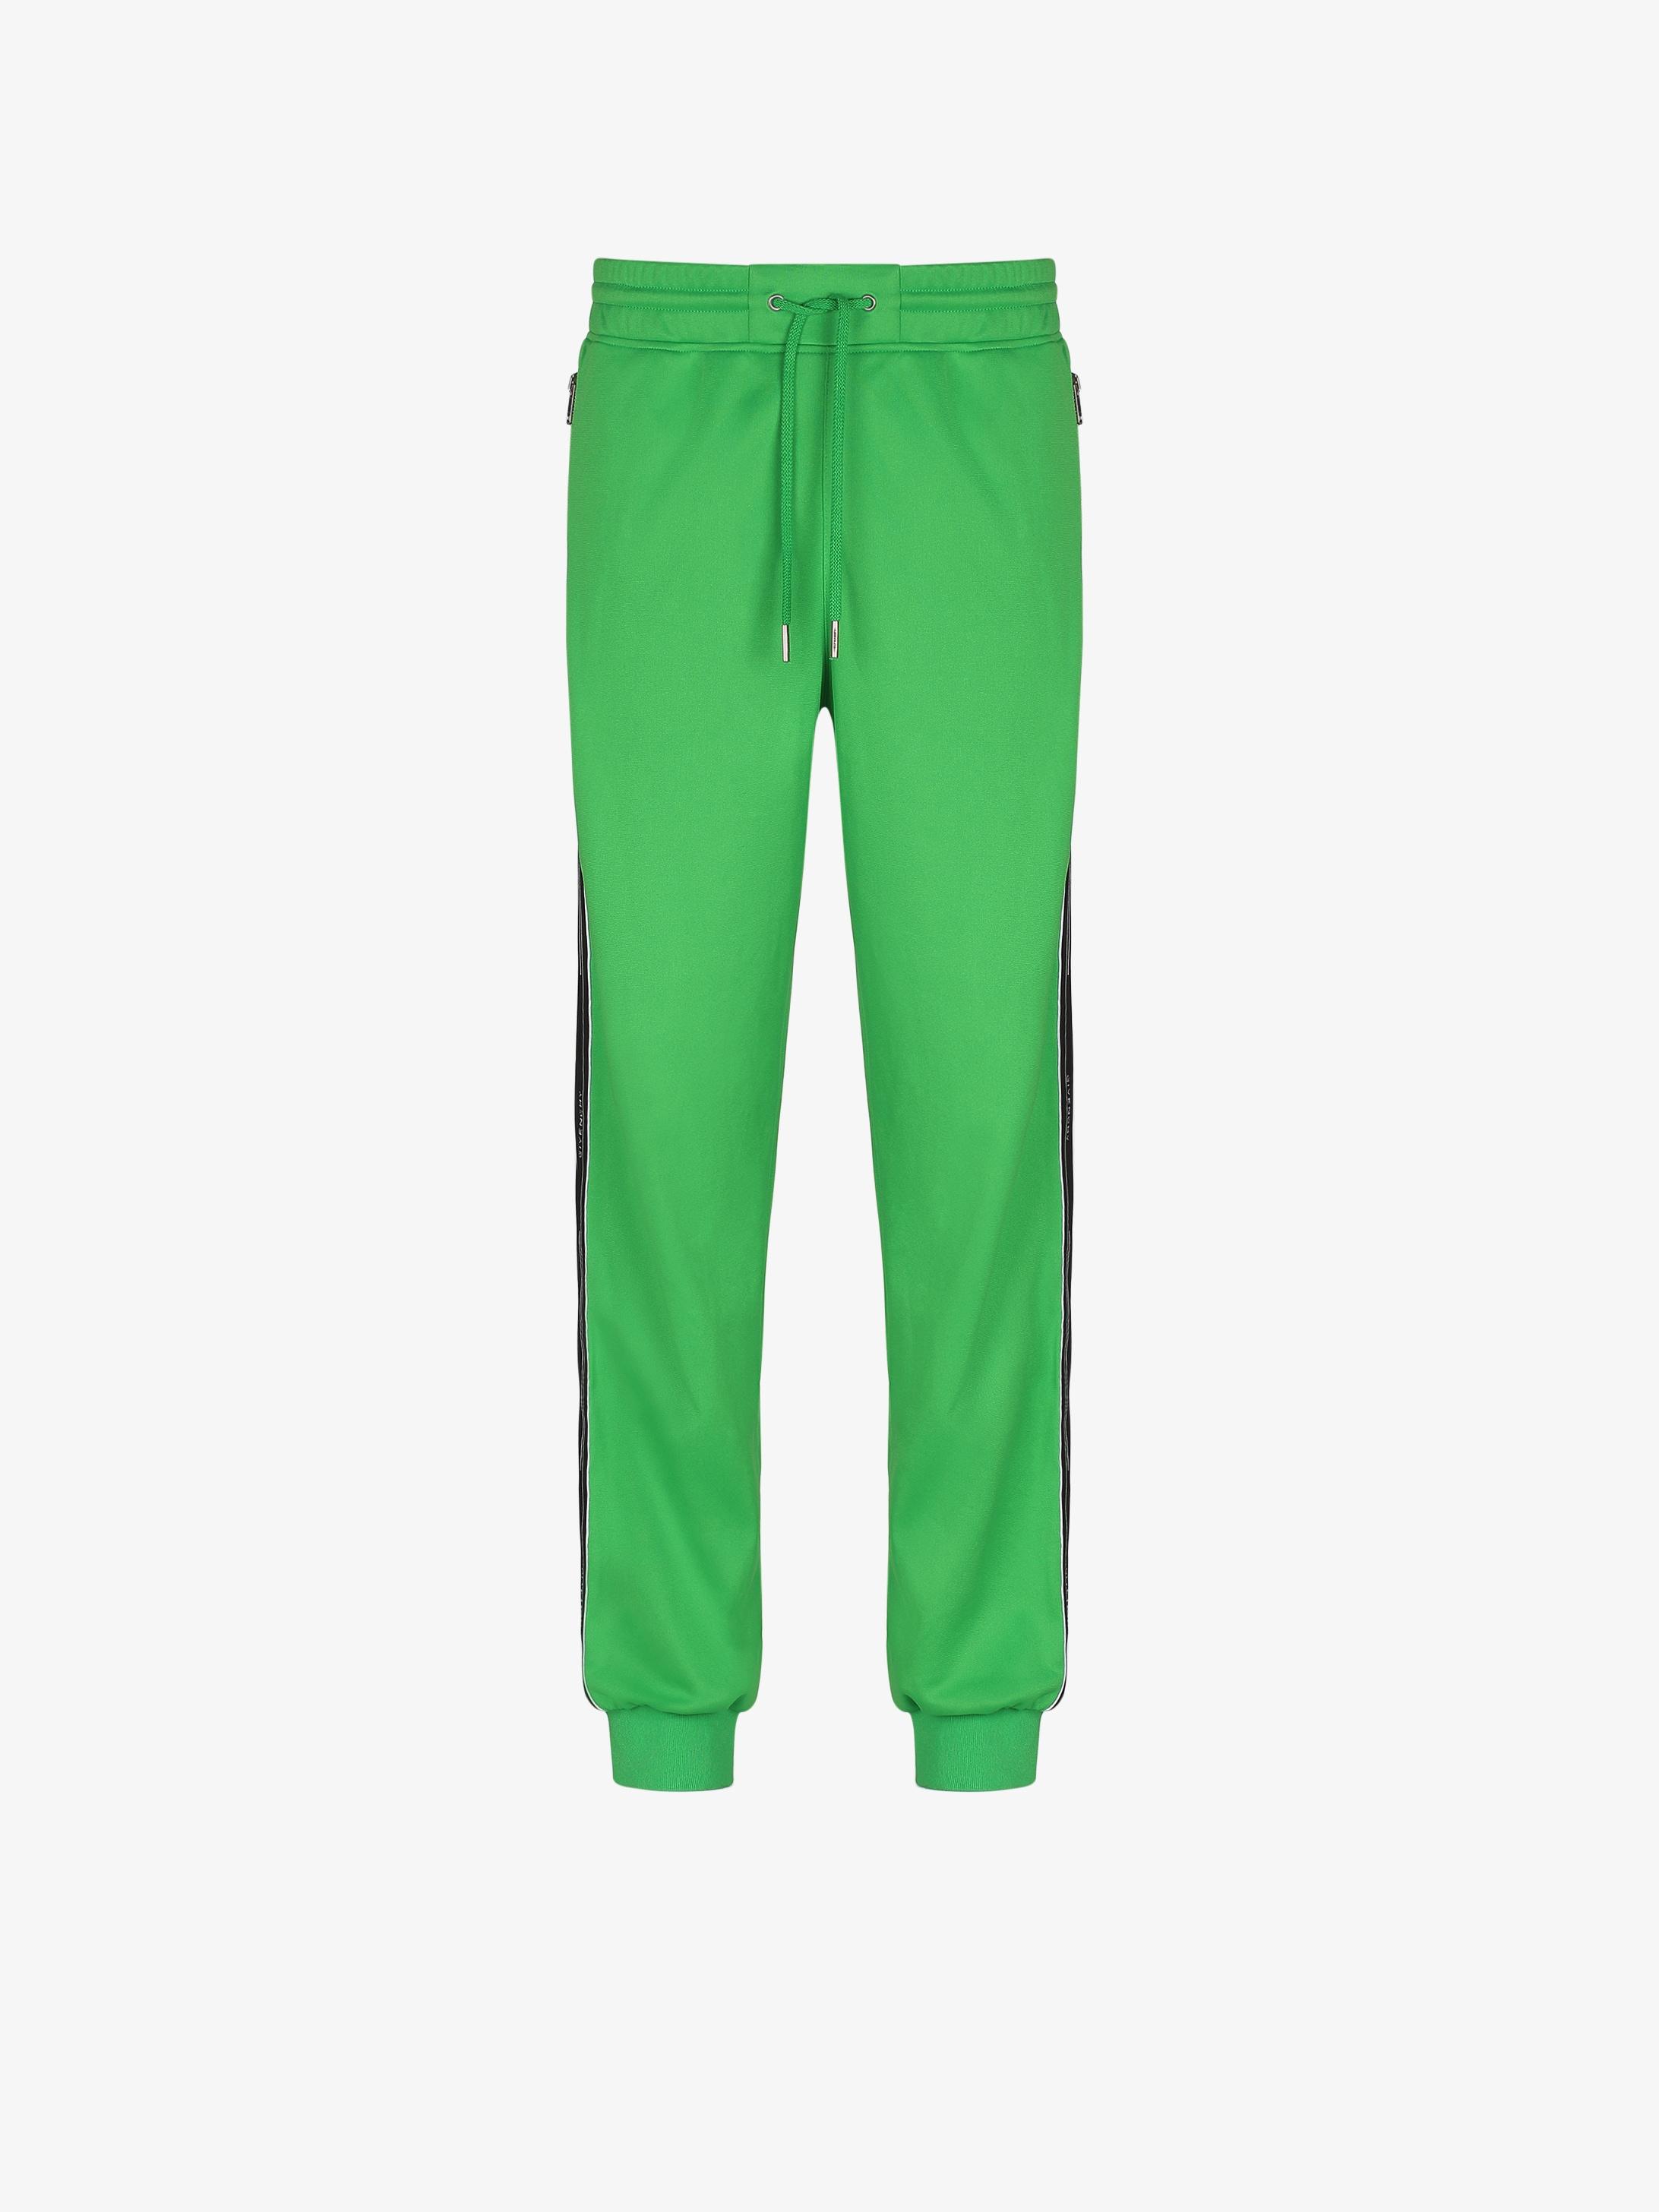 GIVENCHY jogger pants